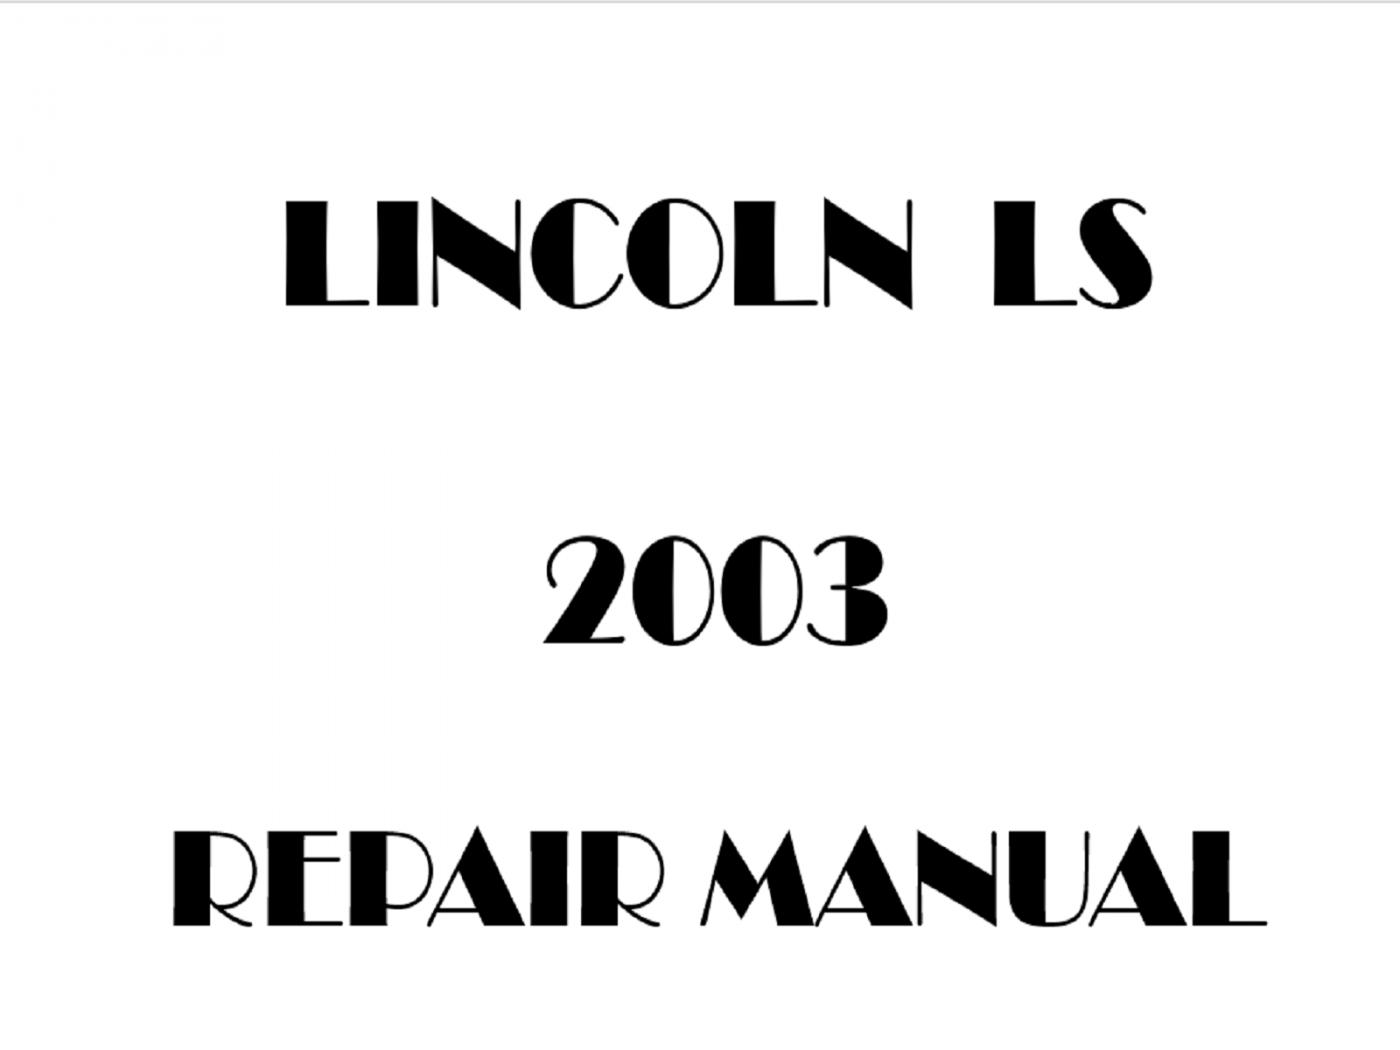 2003 Lincoln LS repair manual